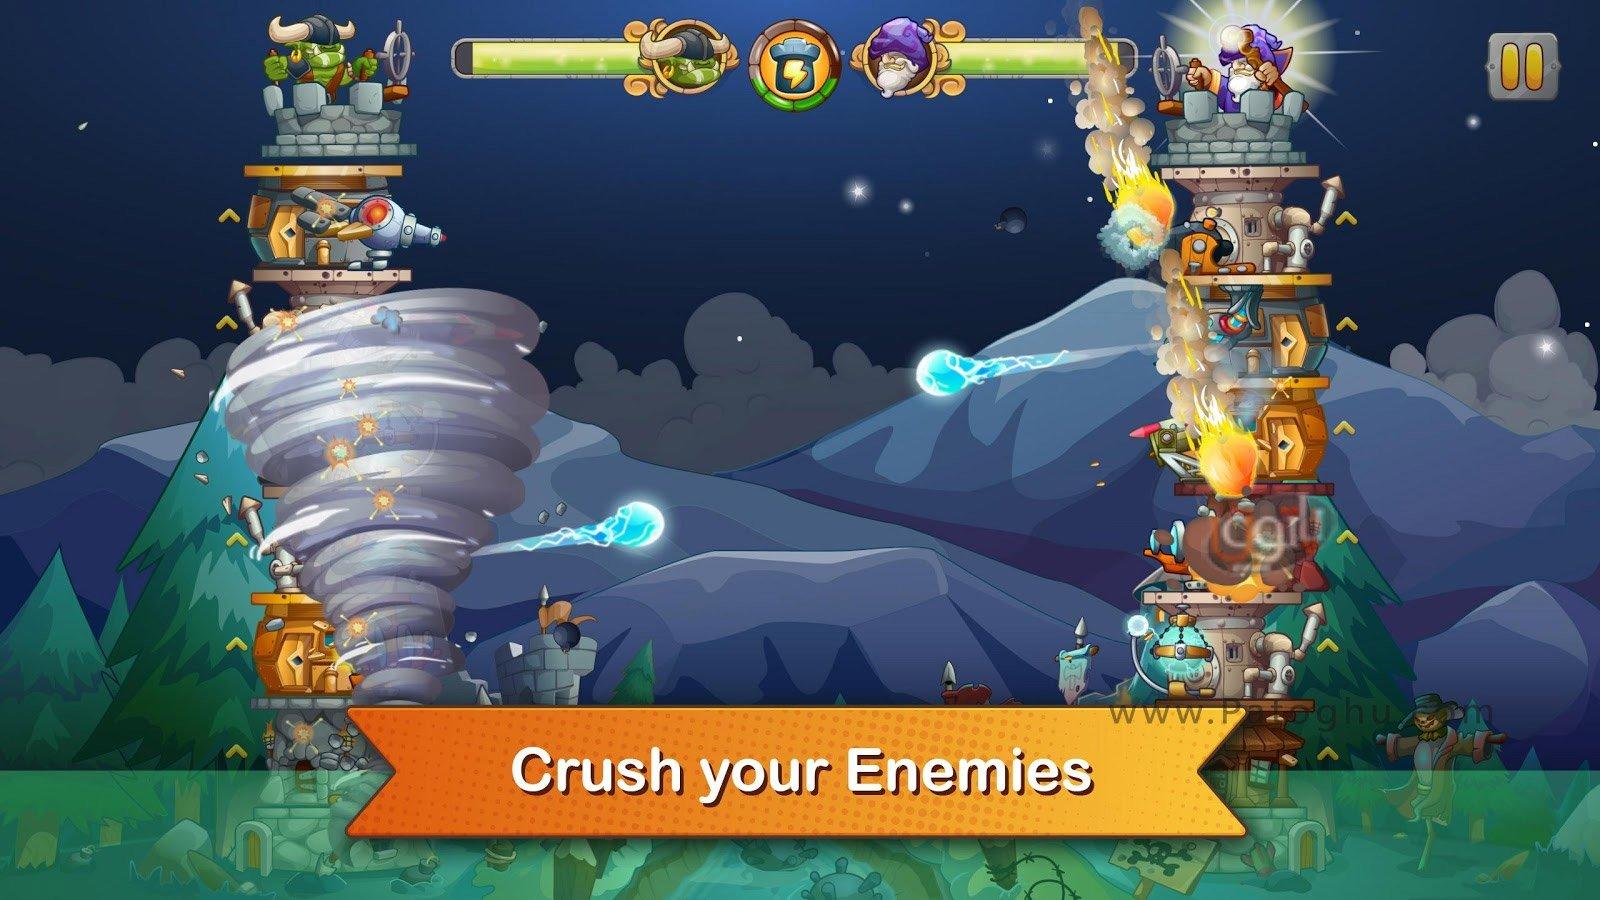 دانلود بازی epic defense با پول بی نهایت دانلود بازی Tower Crush 1.1.41 – دفاع از قلعه برای اندروید